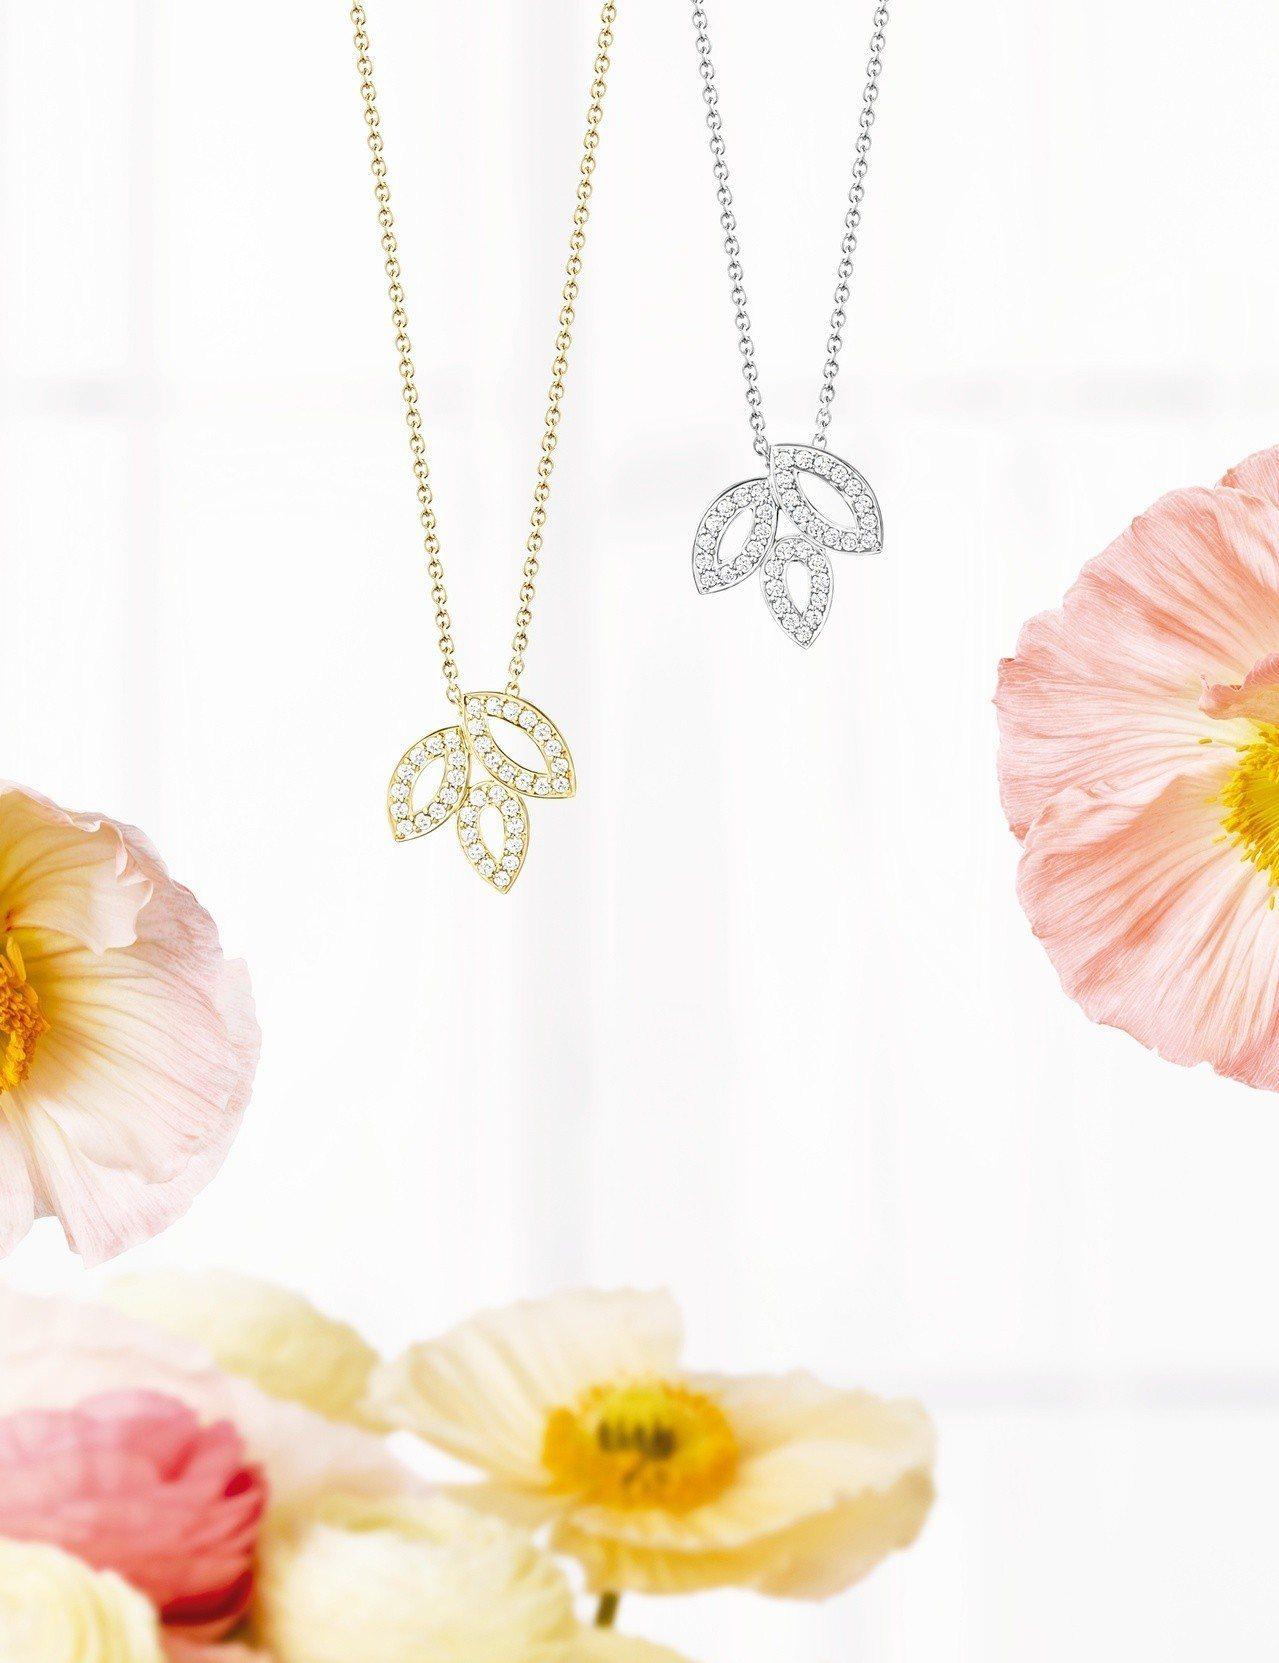 海瑞溫斯頓 Lily Cluster小型鑽石黃金鍊墜及小型鑽石鉑金鍊墜。圖/Ha...